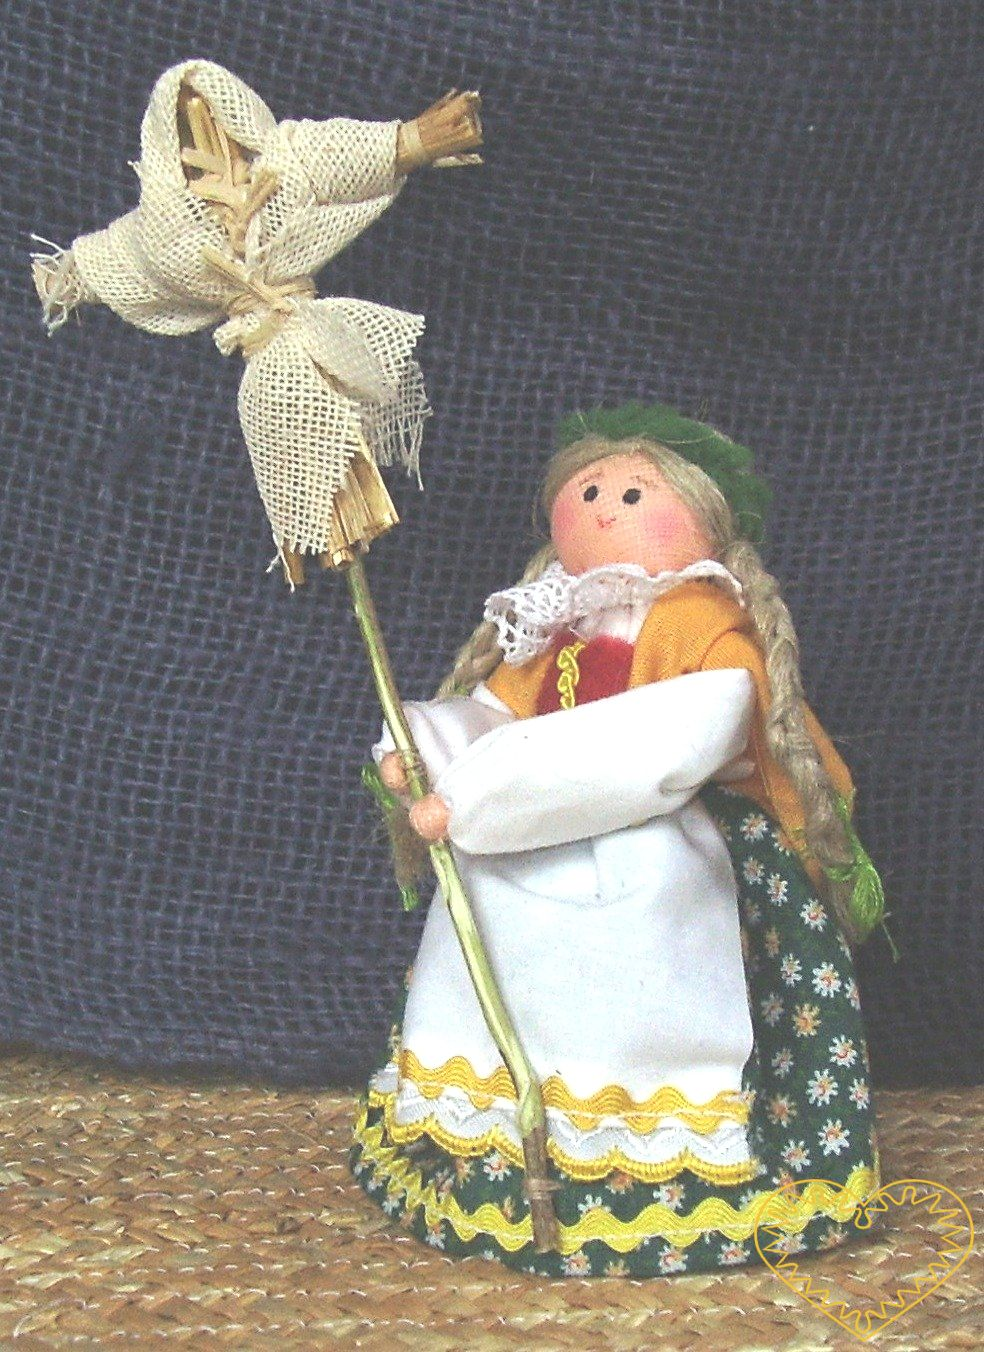 Vynášení zimy - výjev vztahující se k páté postní neděli, kdy se vynášela smrtka / zima. Textilní figurka v prácheňském lidovém kroji, vysoká cca 10 cm. Malebný suvenýr čerpající z tradiční lidové kultury.